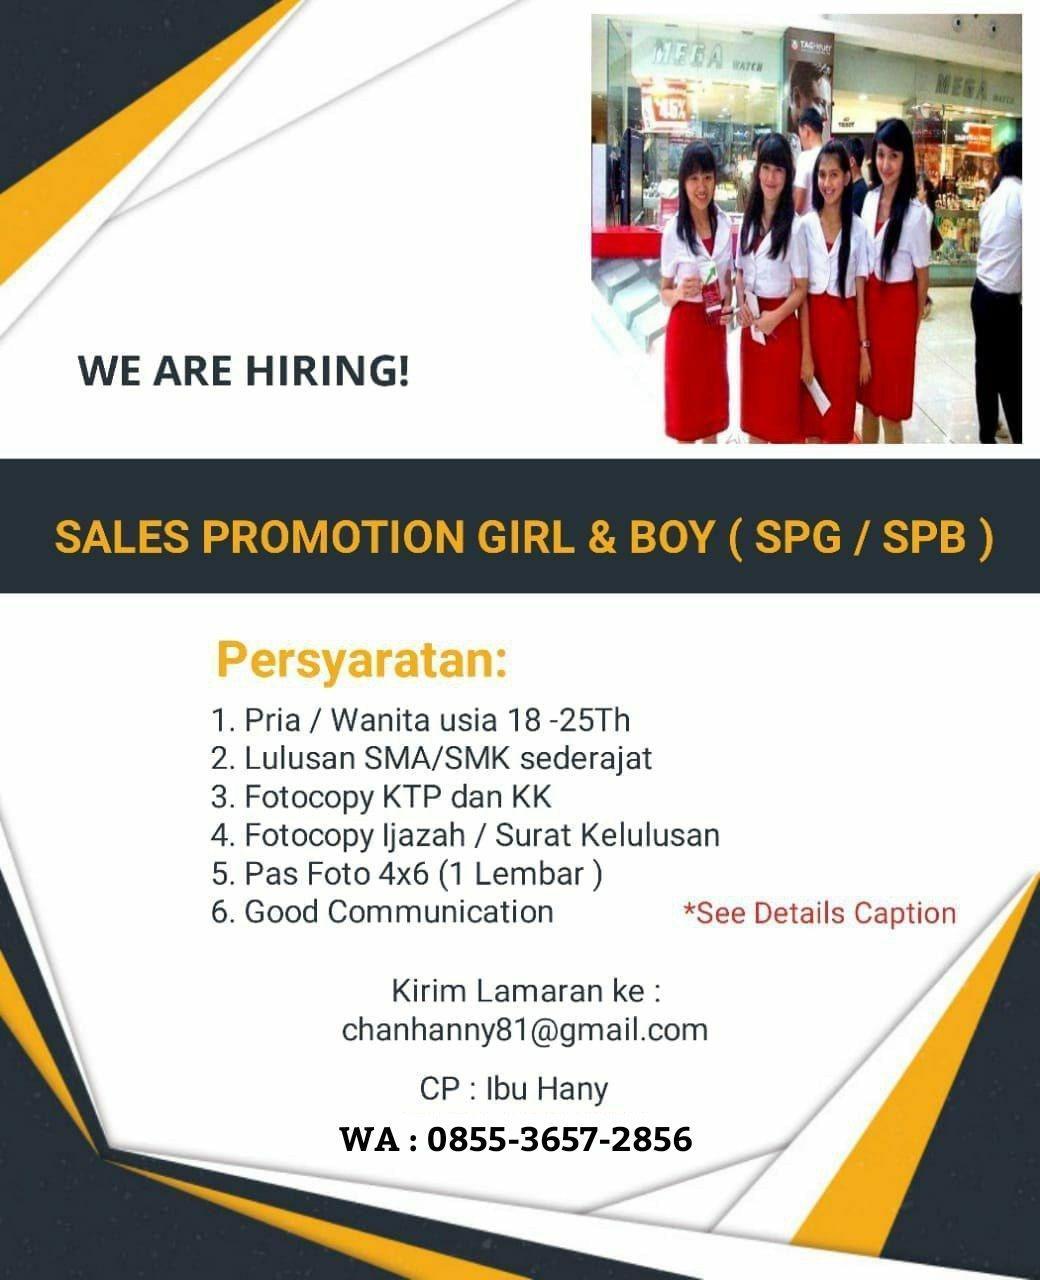 Lowongan Kerja Sales Promotion Girl & Boy ( SPG / SPB ) Bandung September 2018